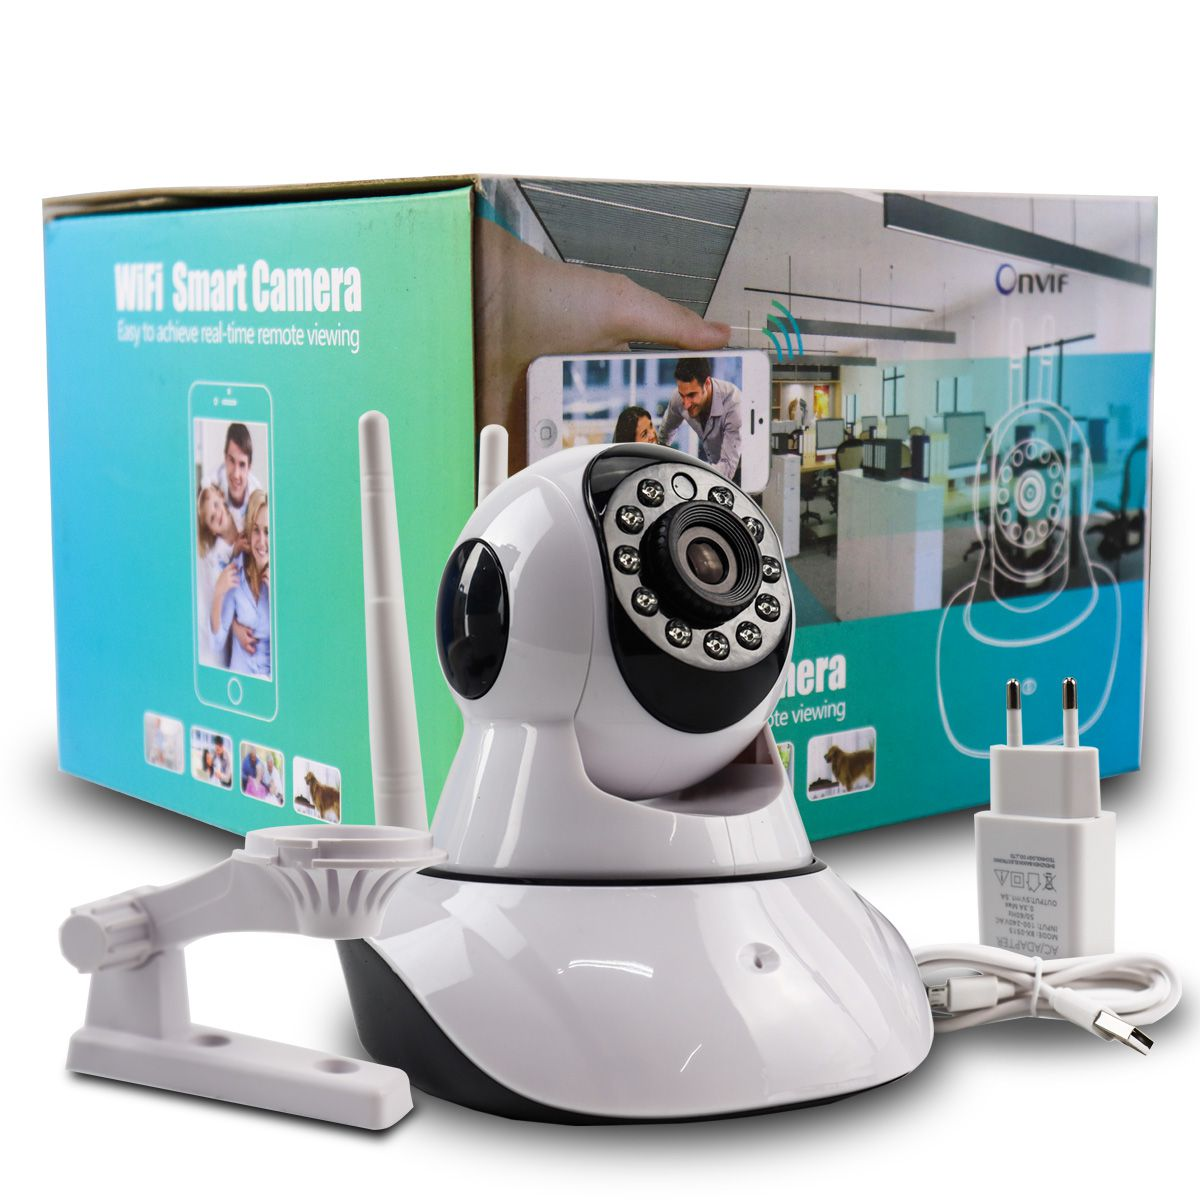 KIT 2x Câmera IP Digital 2.0MP com Dois Receptores de Wifi e Visão Noturna Full HD 1080p Q5 + 2x Cartão Micro SD 32GB